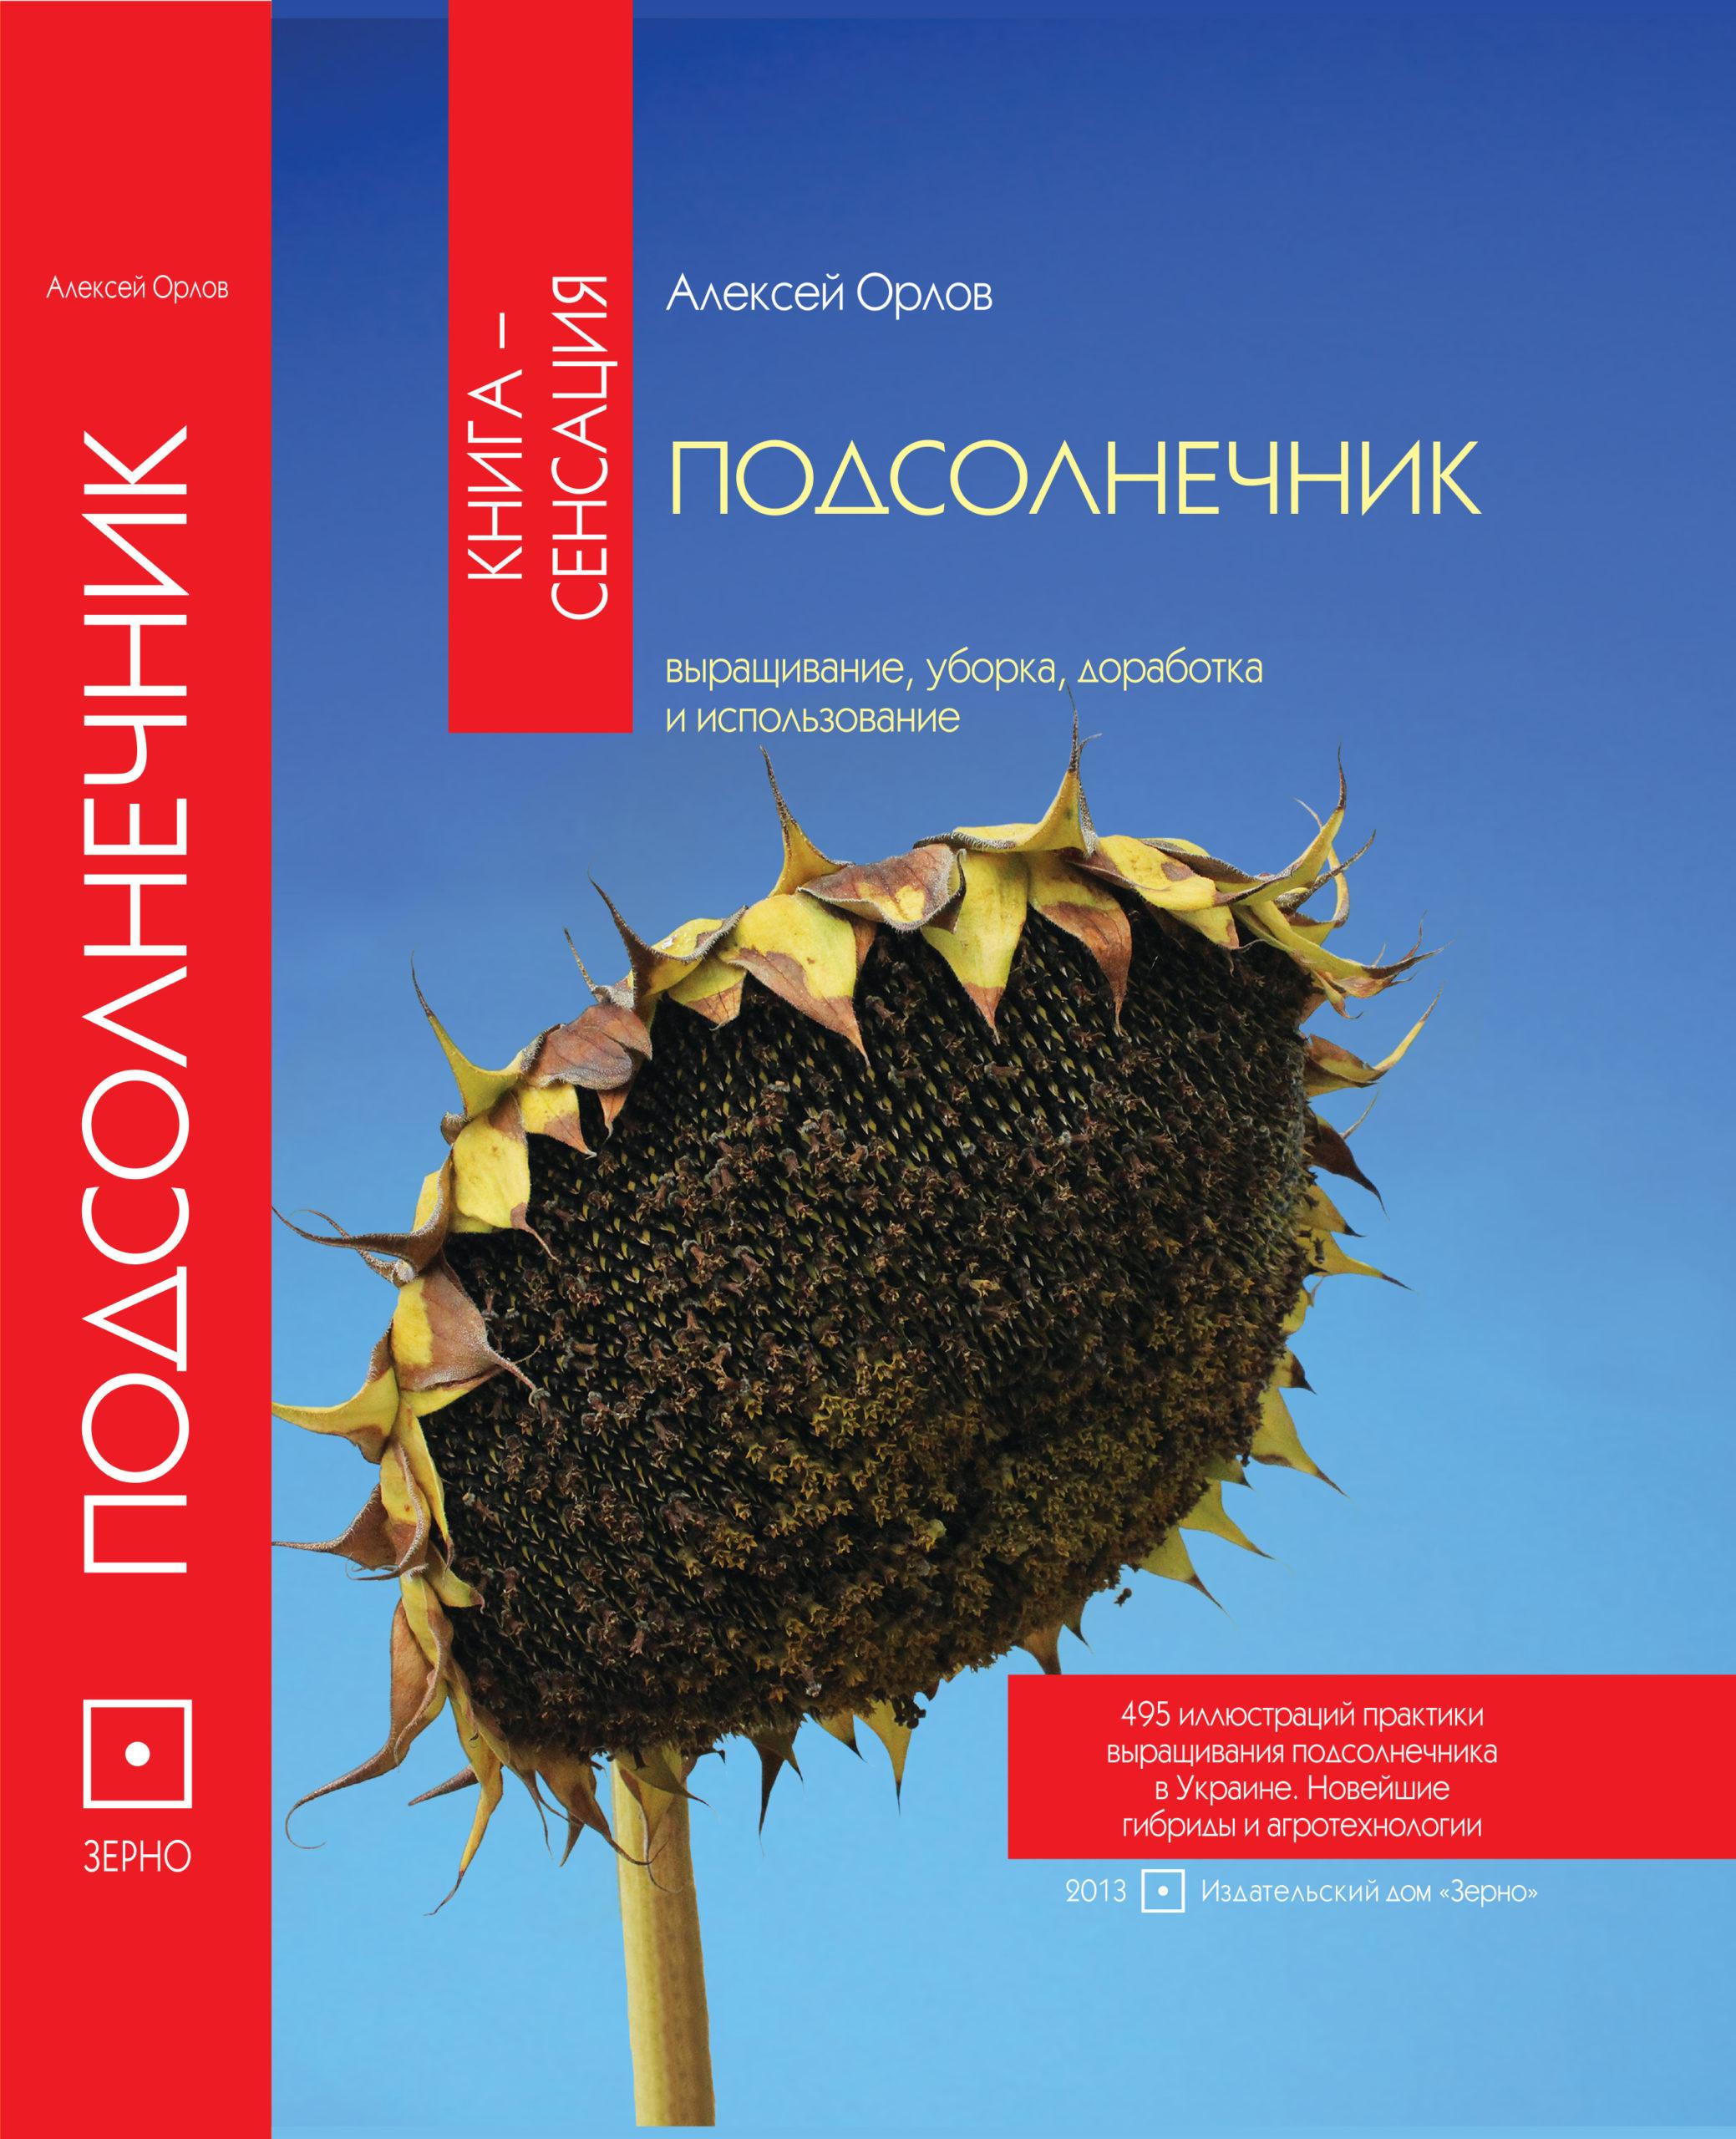 Орлов А.И. Подсолнечник: биология, выращивание, борьба с болезнями и вредителями